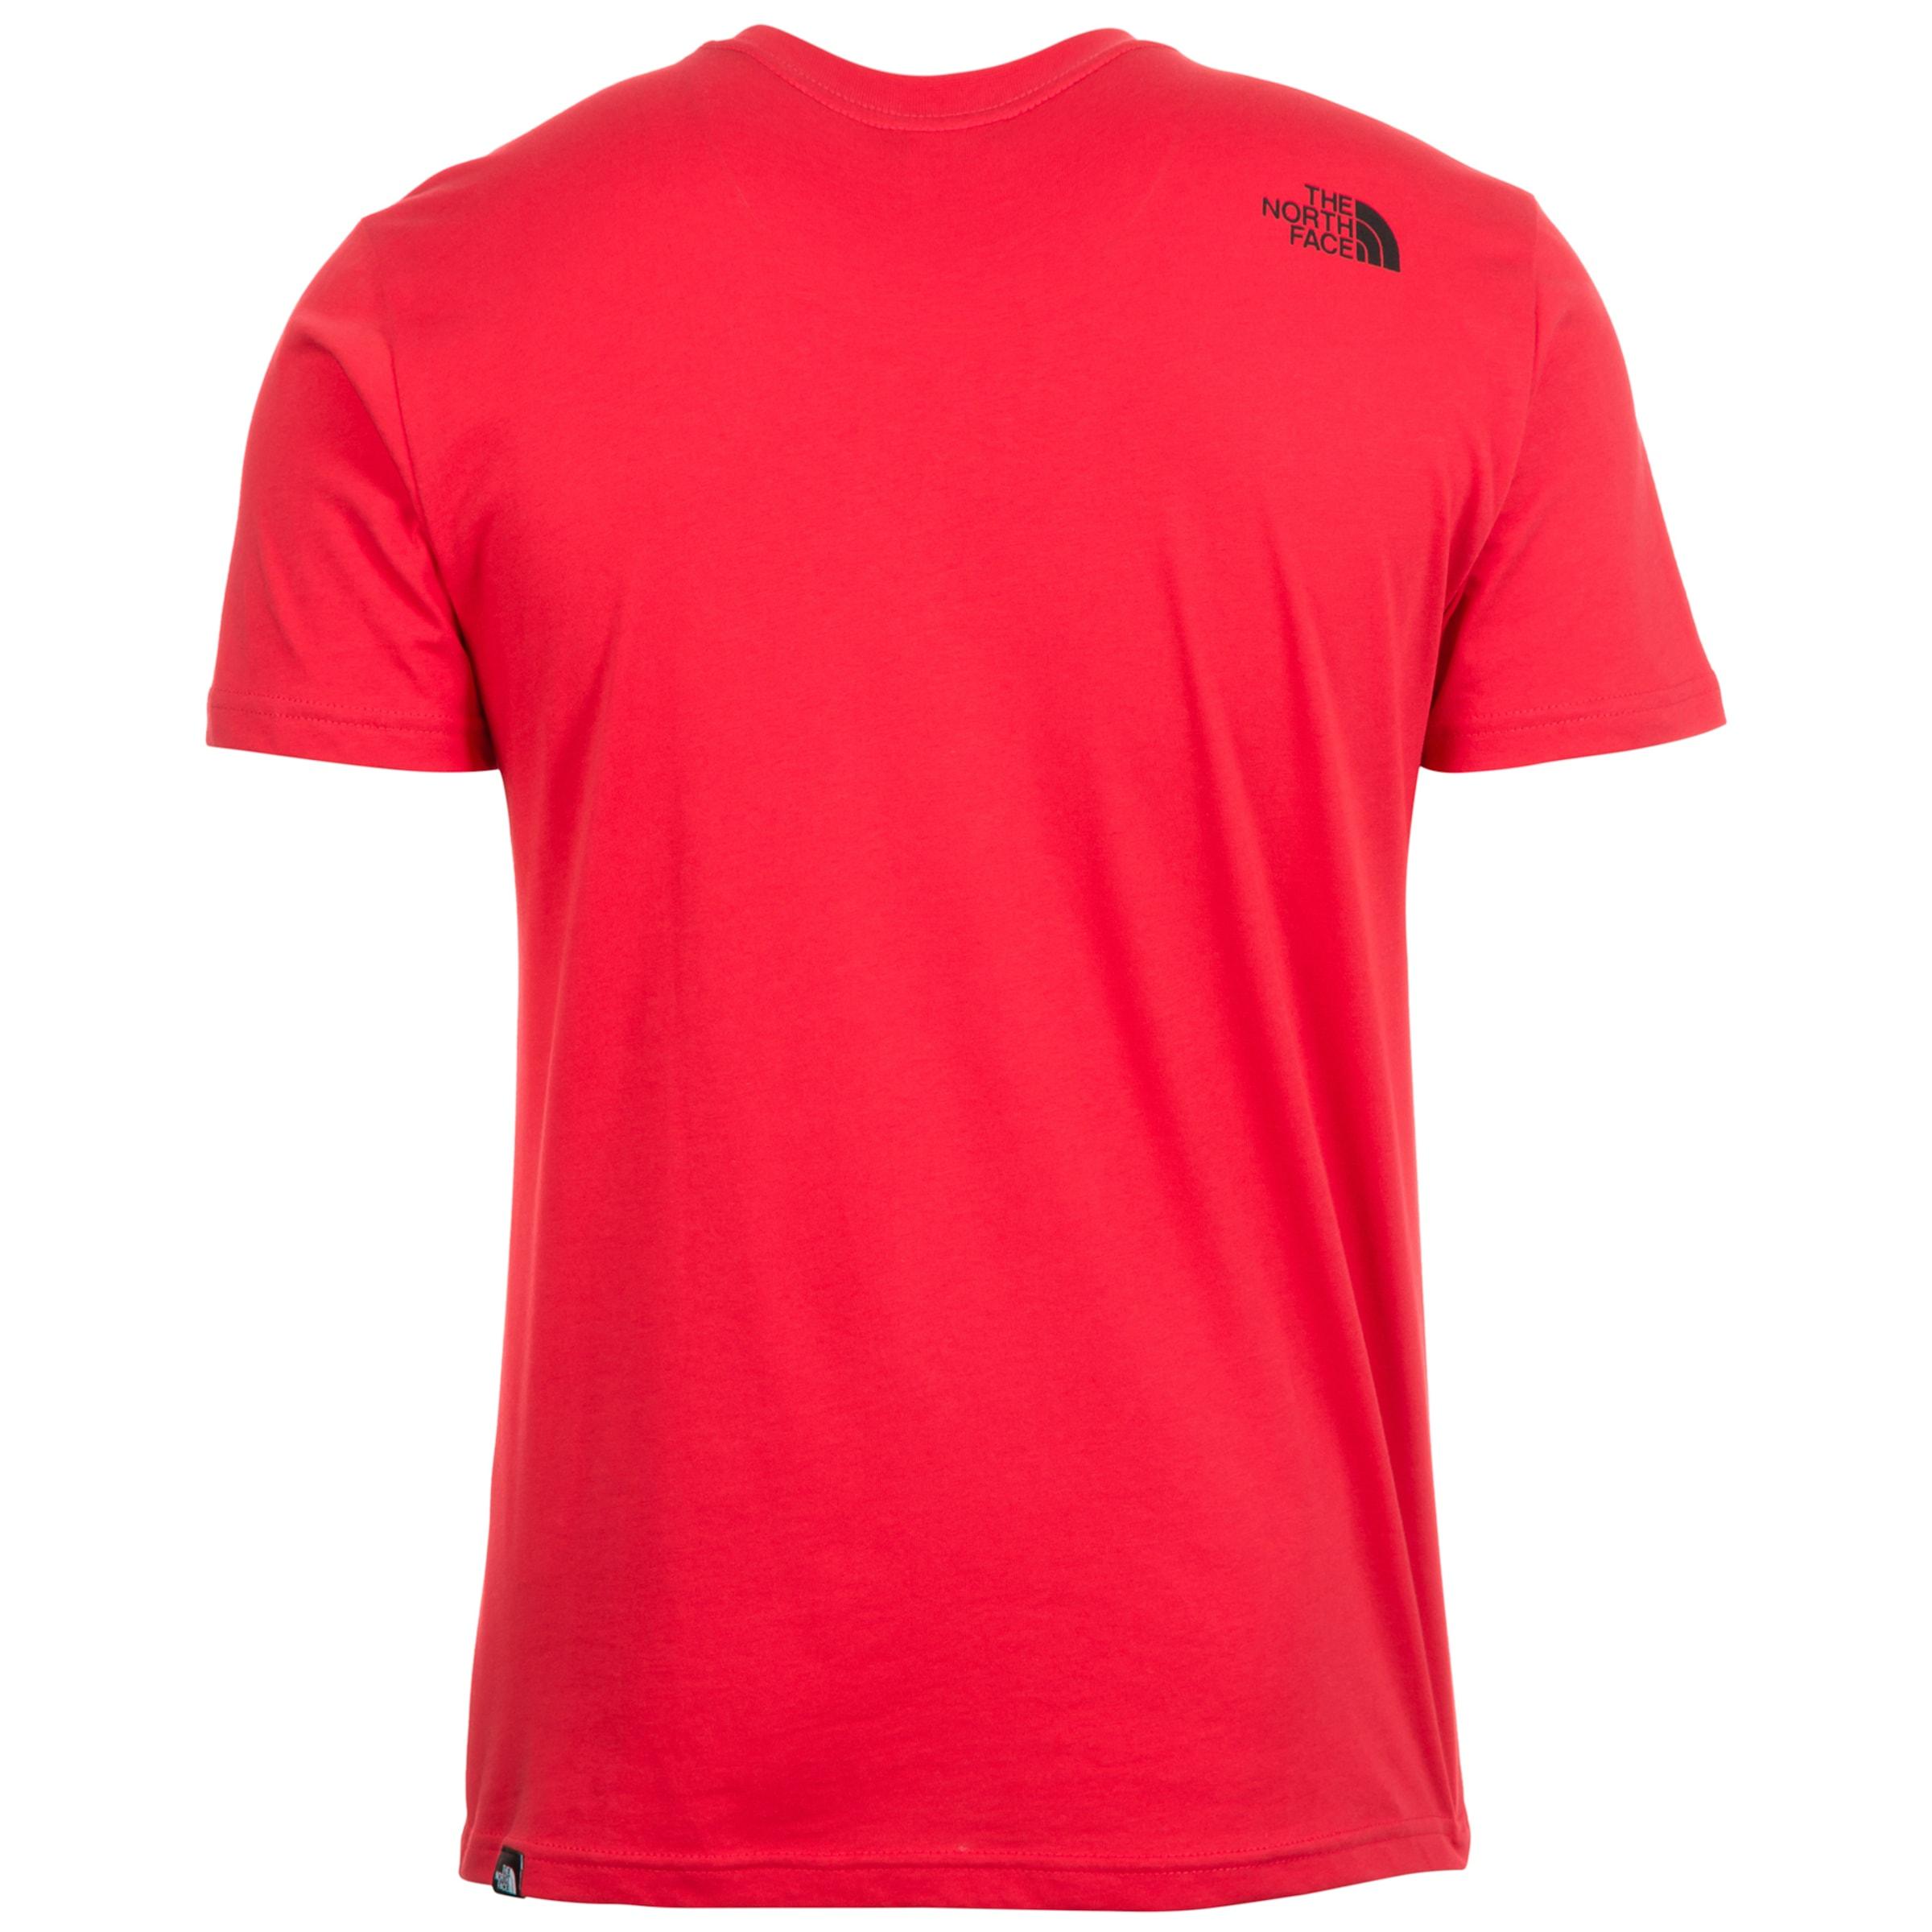 Mit Paypal Zahlen Zu Verkaufen THE NORTH FACE T-Shirt 'Fine' Hyper Online Fabrikverkauf Günstigsten Preis Günstig Online 9updkF